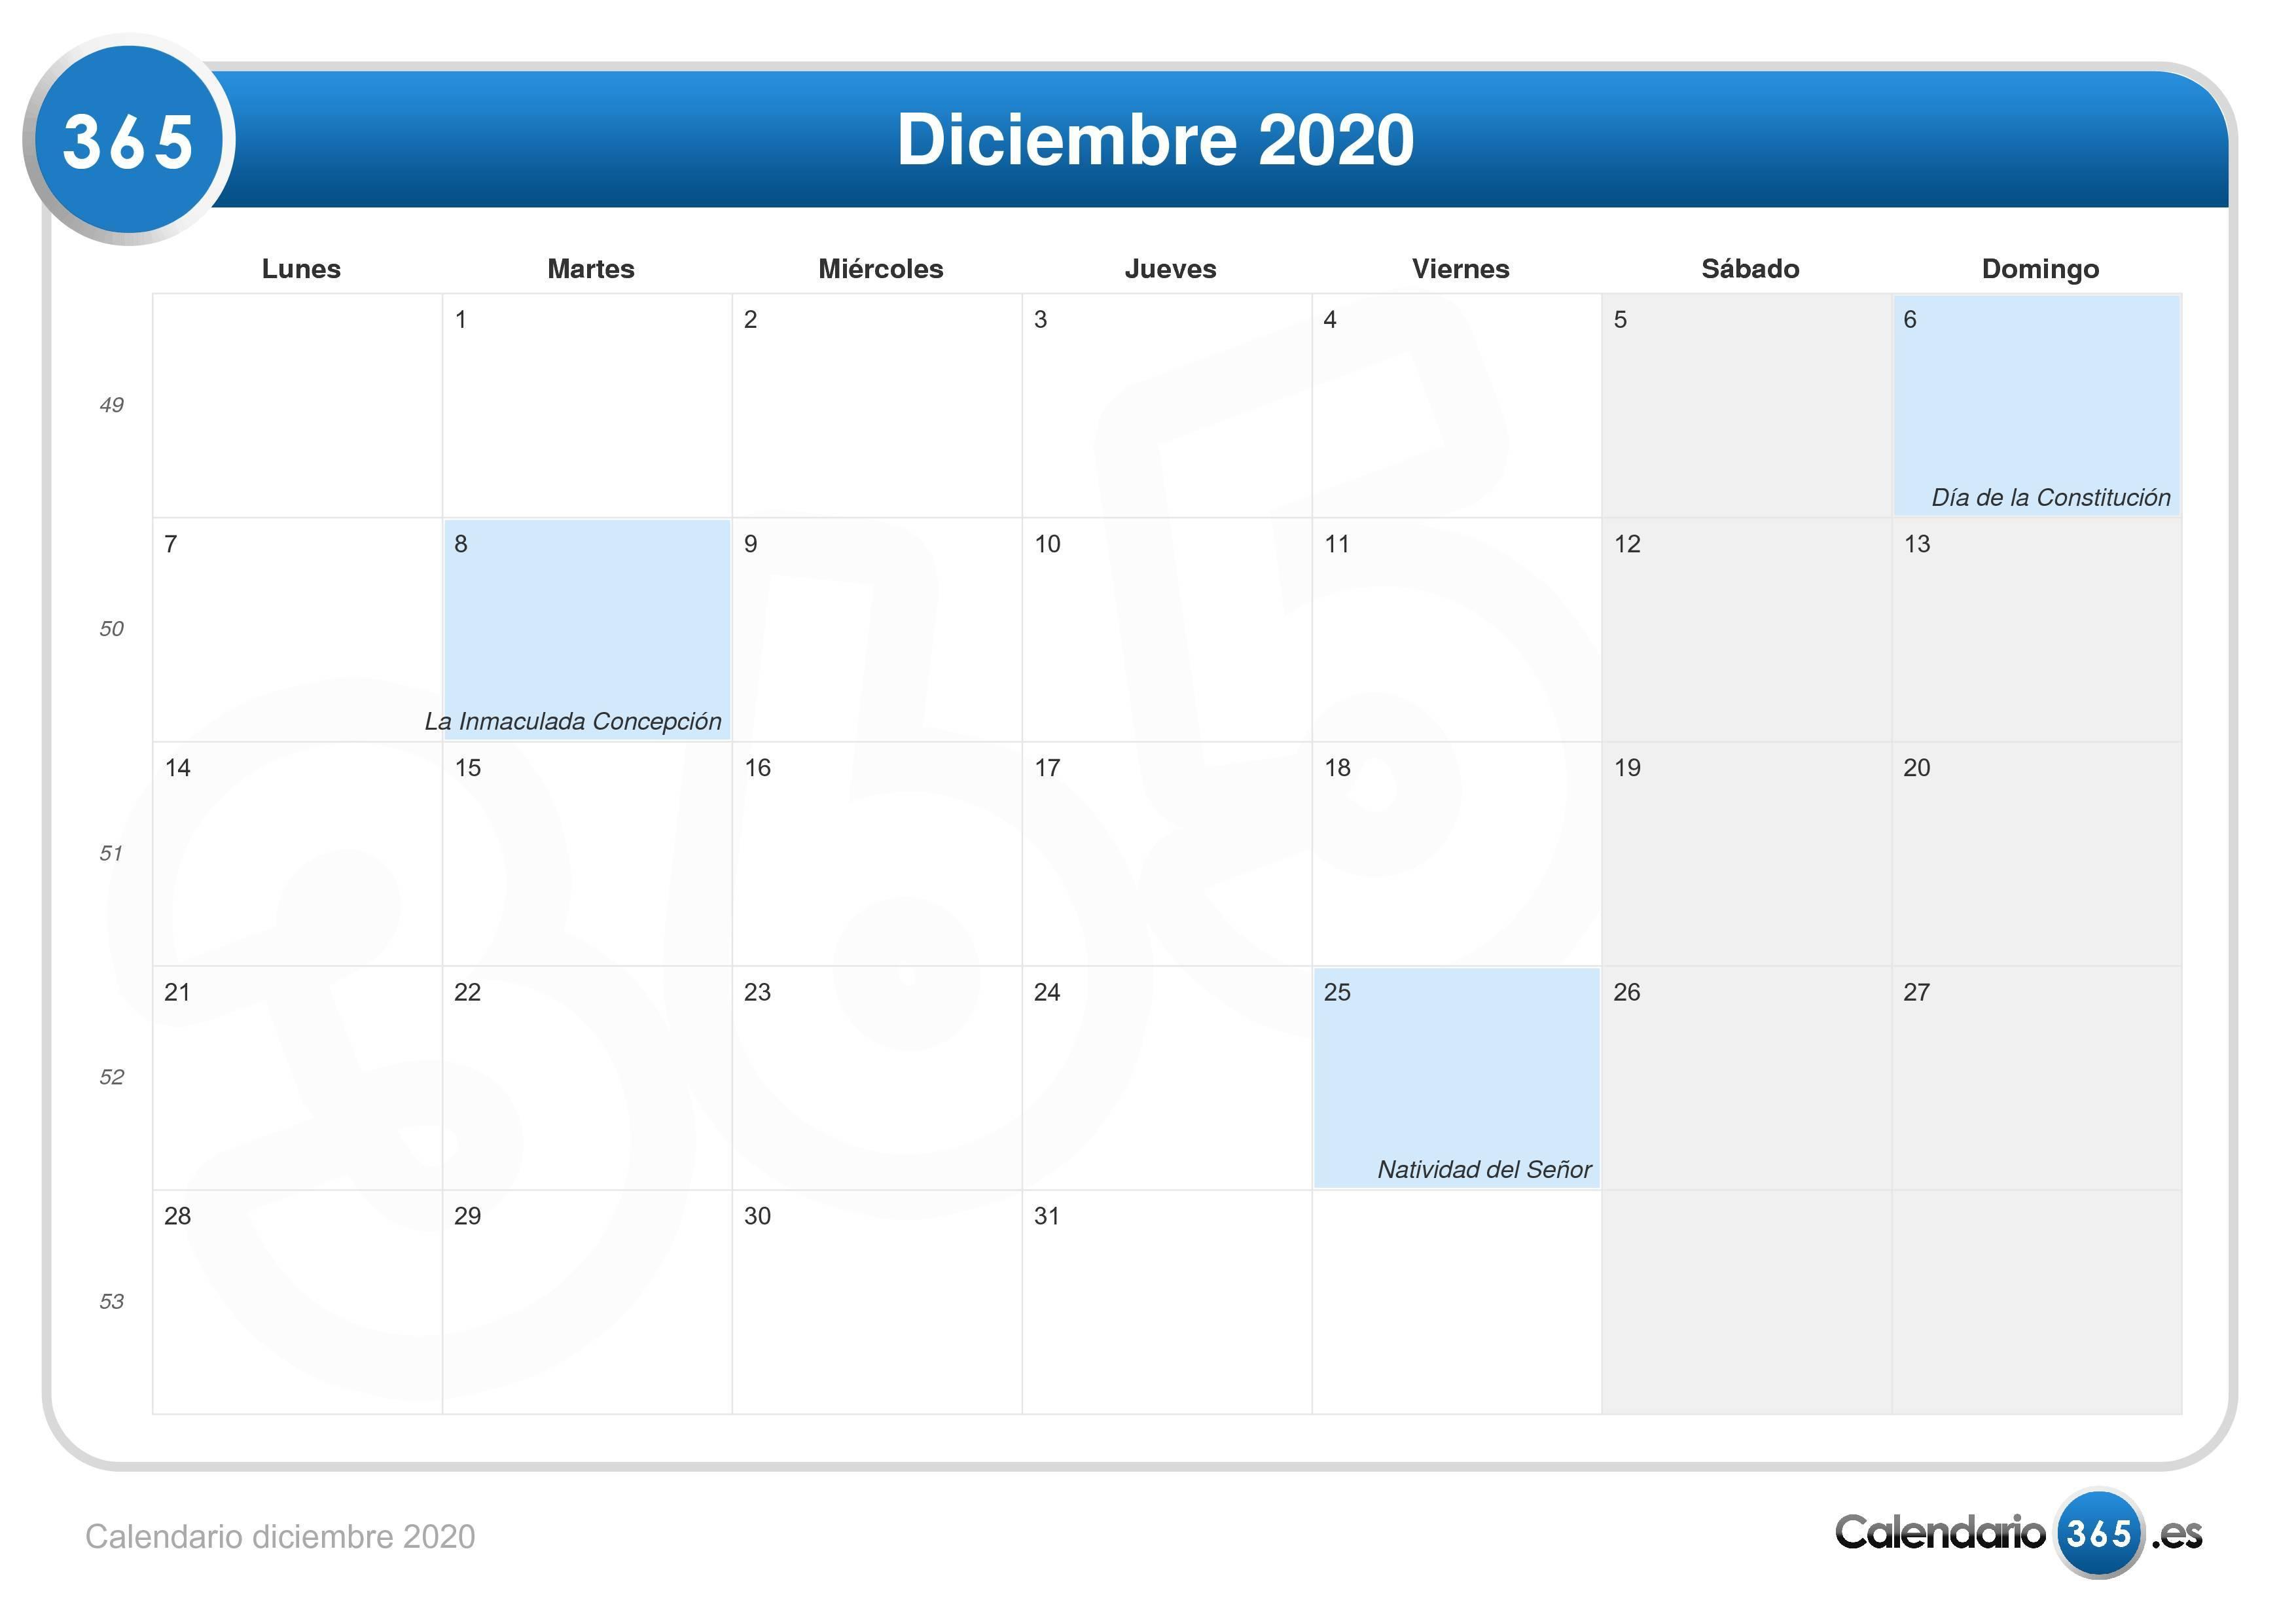 Calendario 2020 2020.Calendario Diciembre 2020